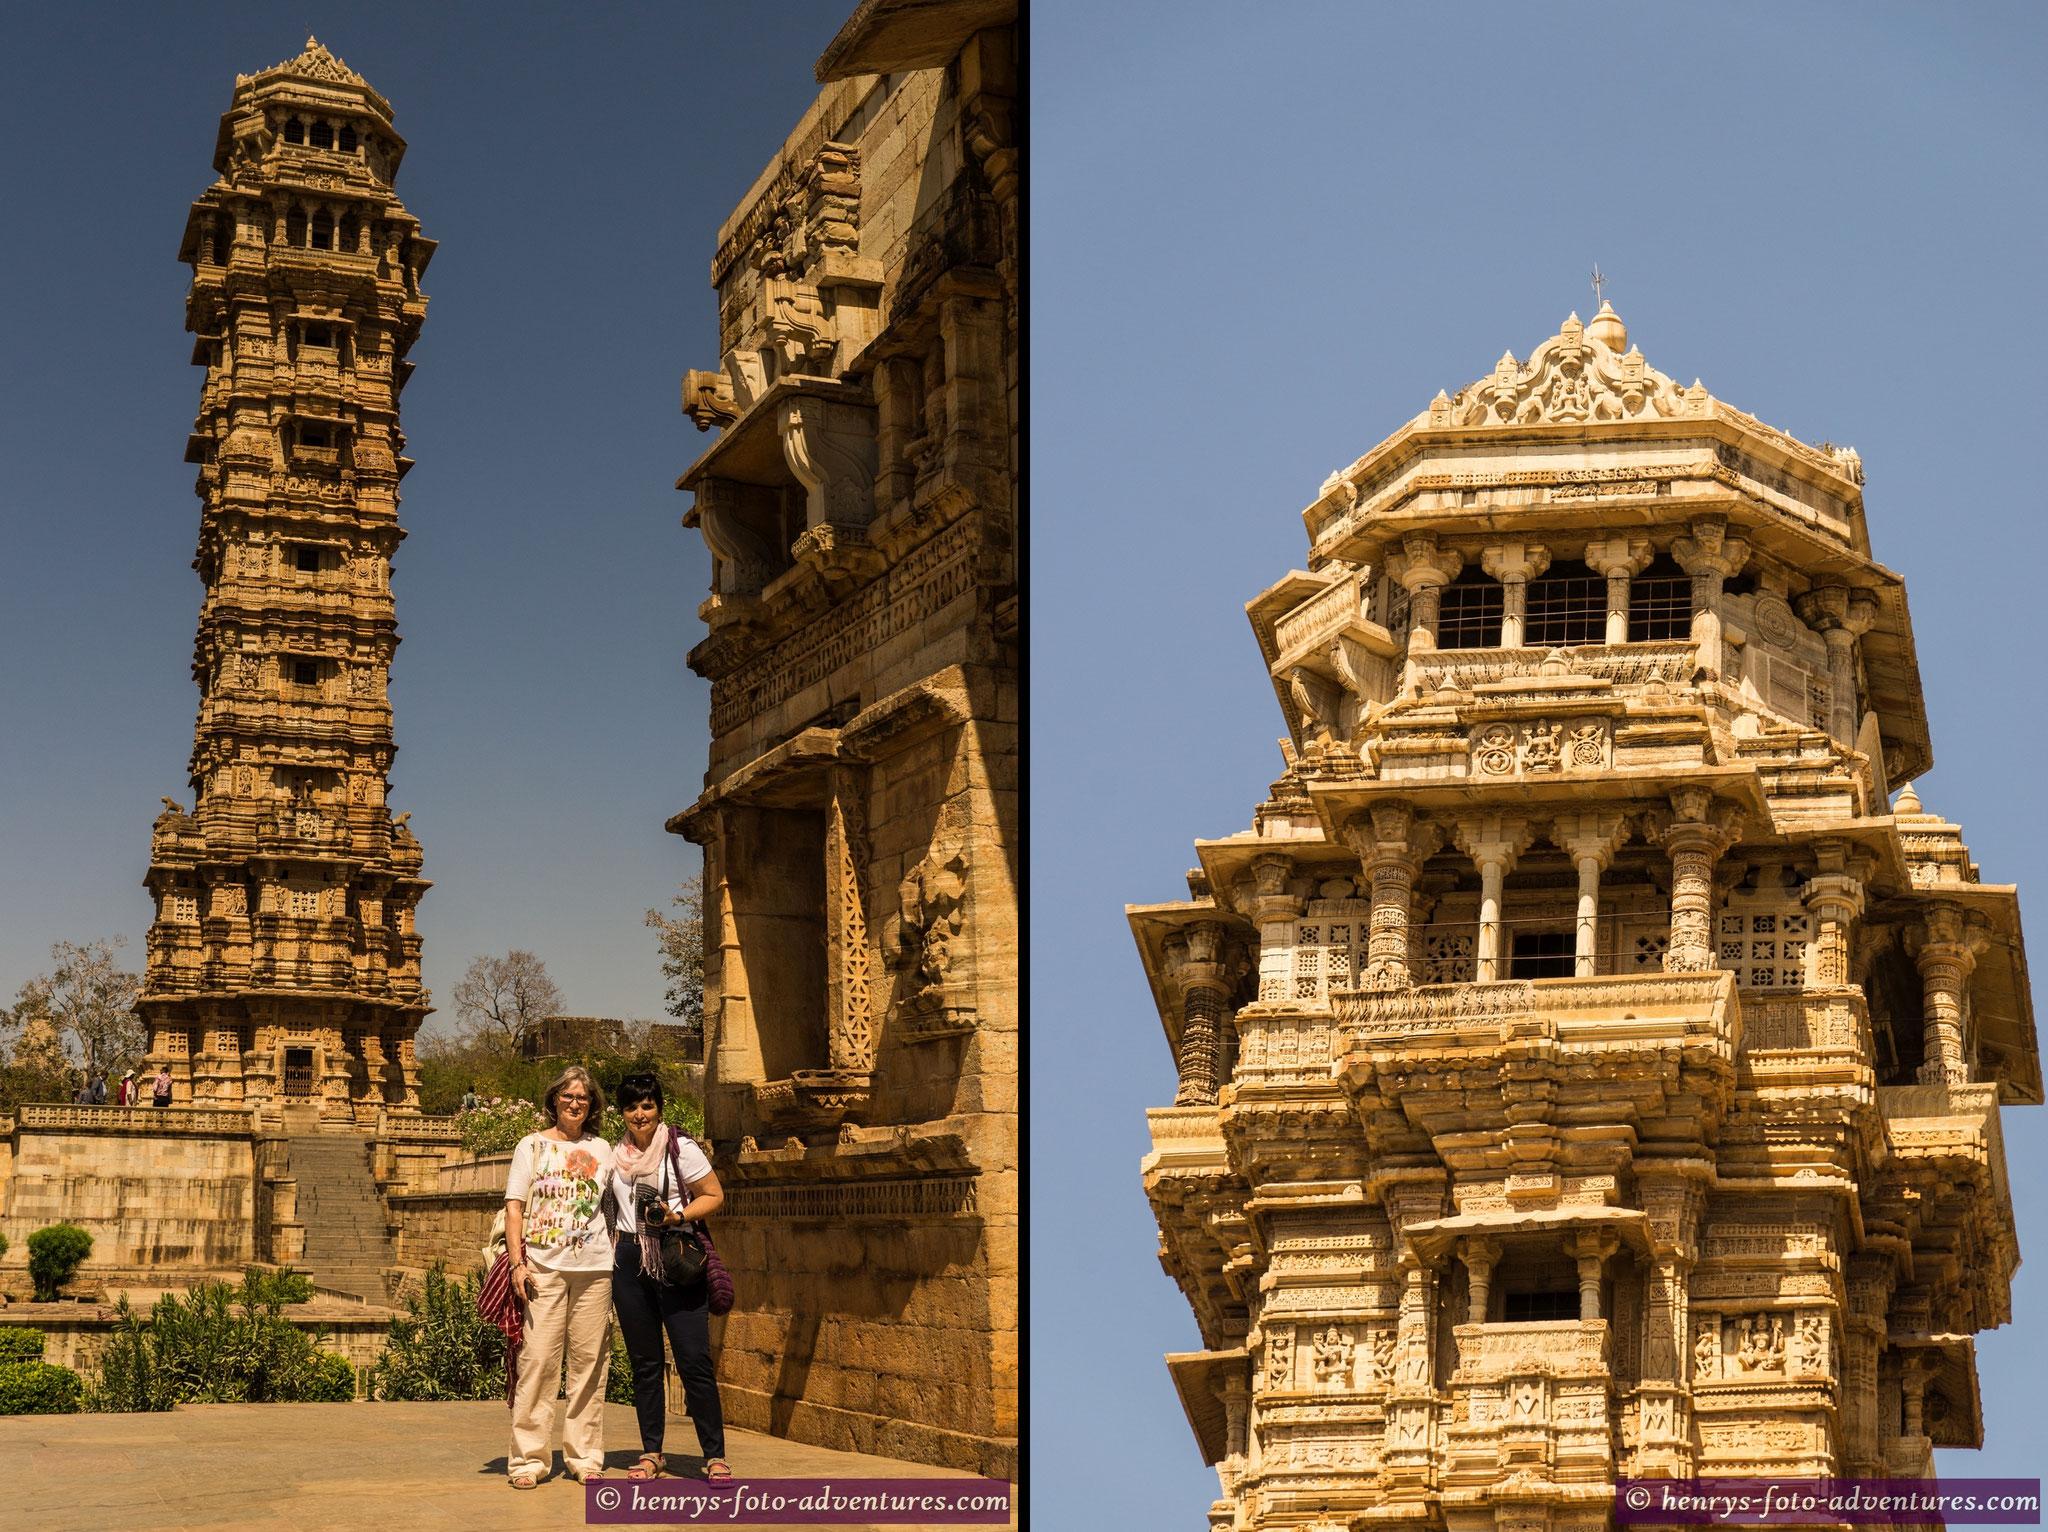 der Siegesturm (Jaya Stambh), 1440 erbaut 37m hoch